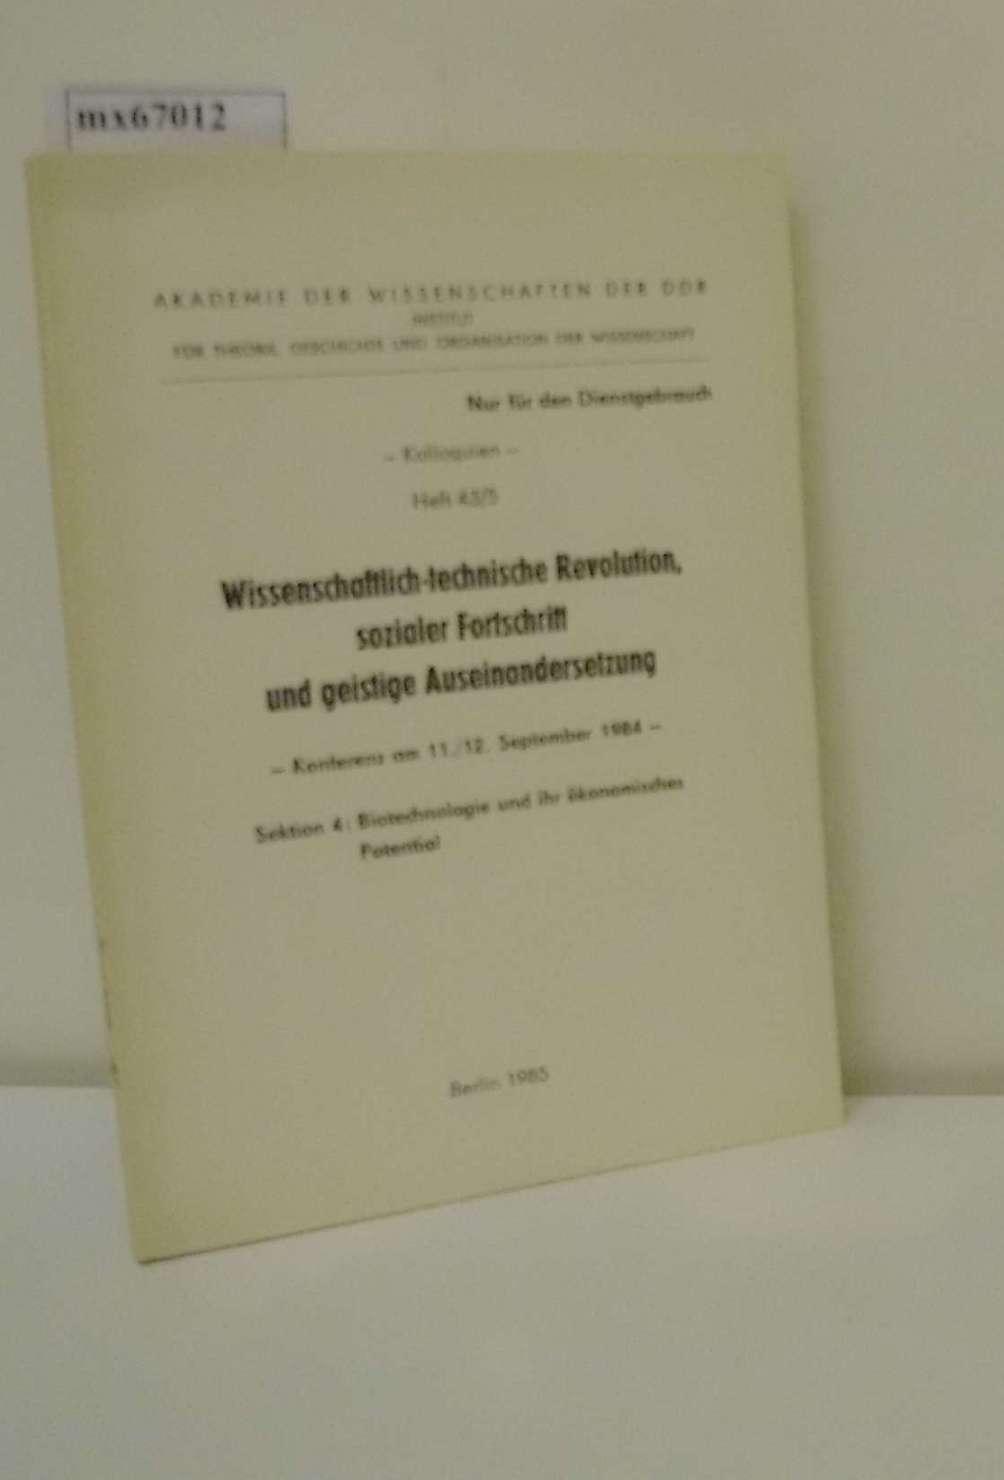 Wissenschaftlich-technische Revolution, sozialer Fortschritt und geistige Auseinandersetzung Konferenz am 11./12. Sept. 1984 / Sektion 4: Biotechnologie und ihr ökonomisches Potential